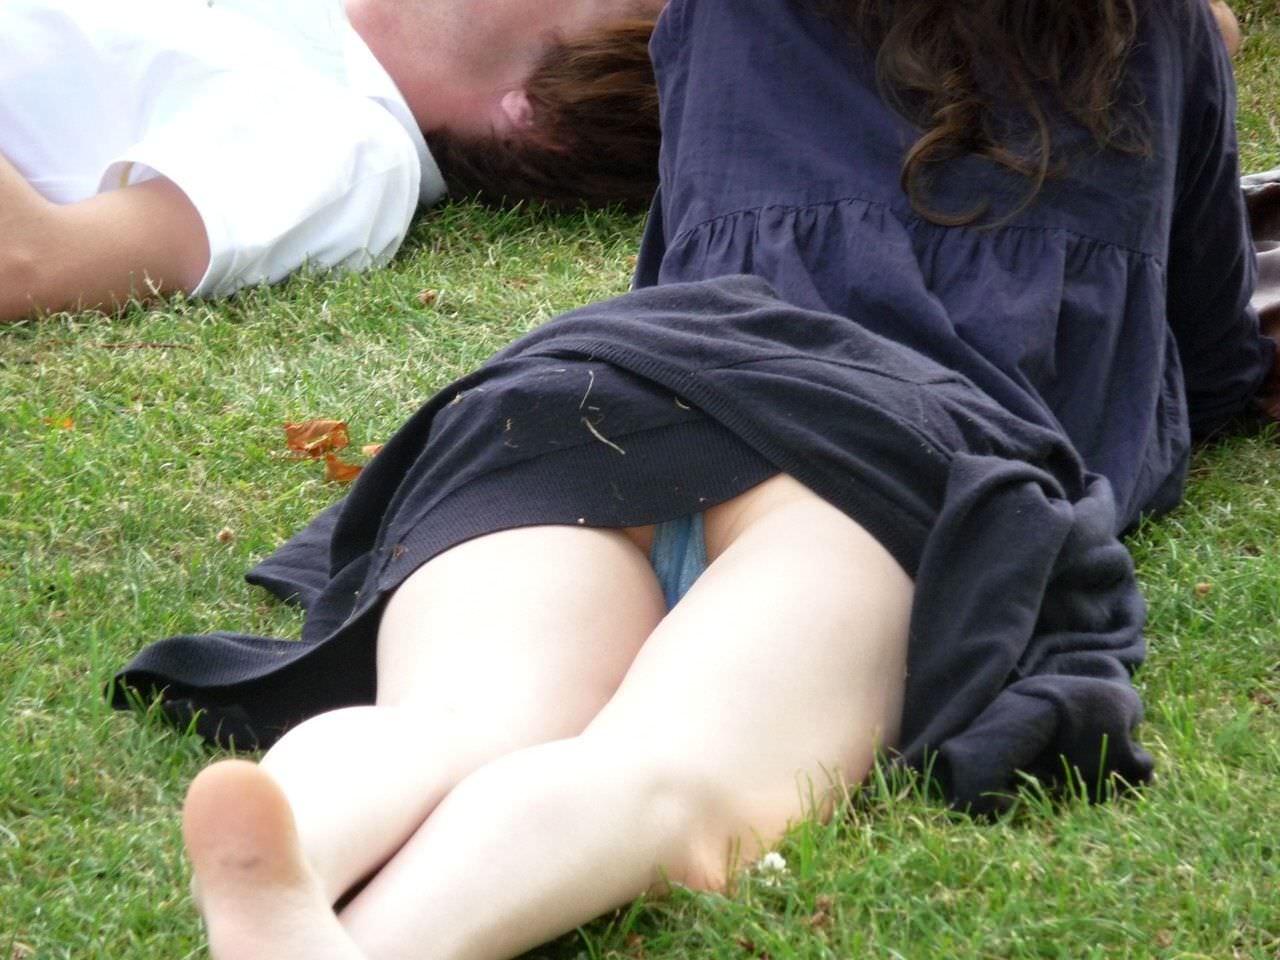 寝転がって日向ぼっこしてる素人お姉さんのパンチラエロ画像 170